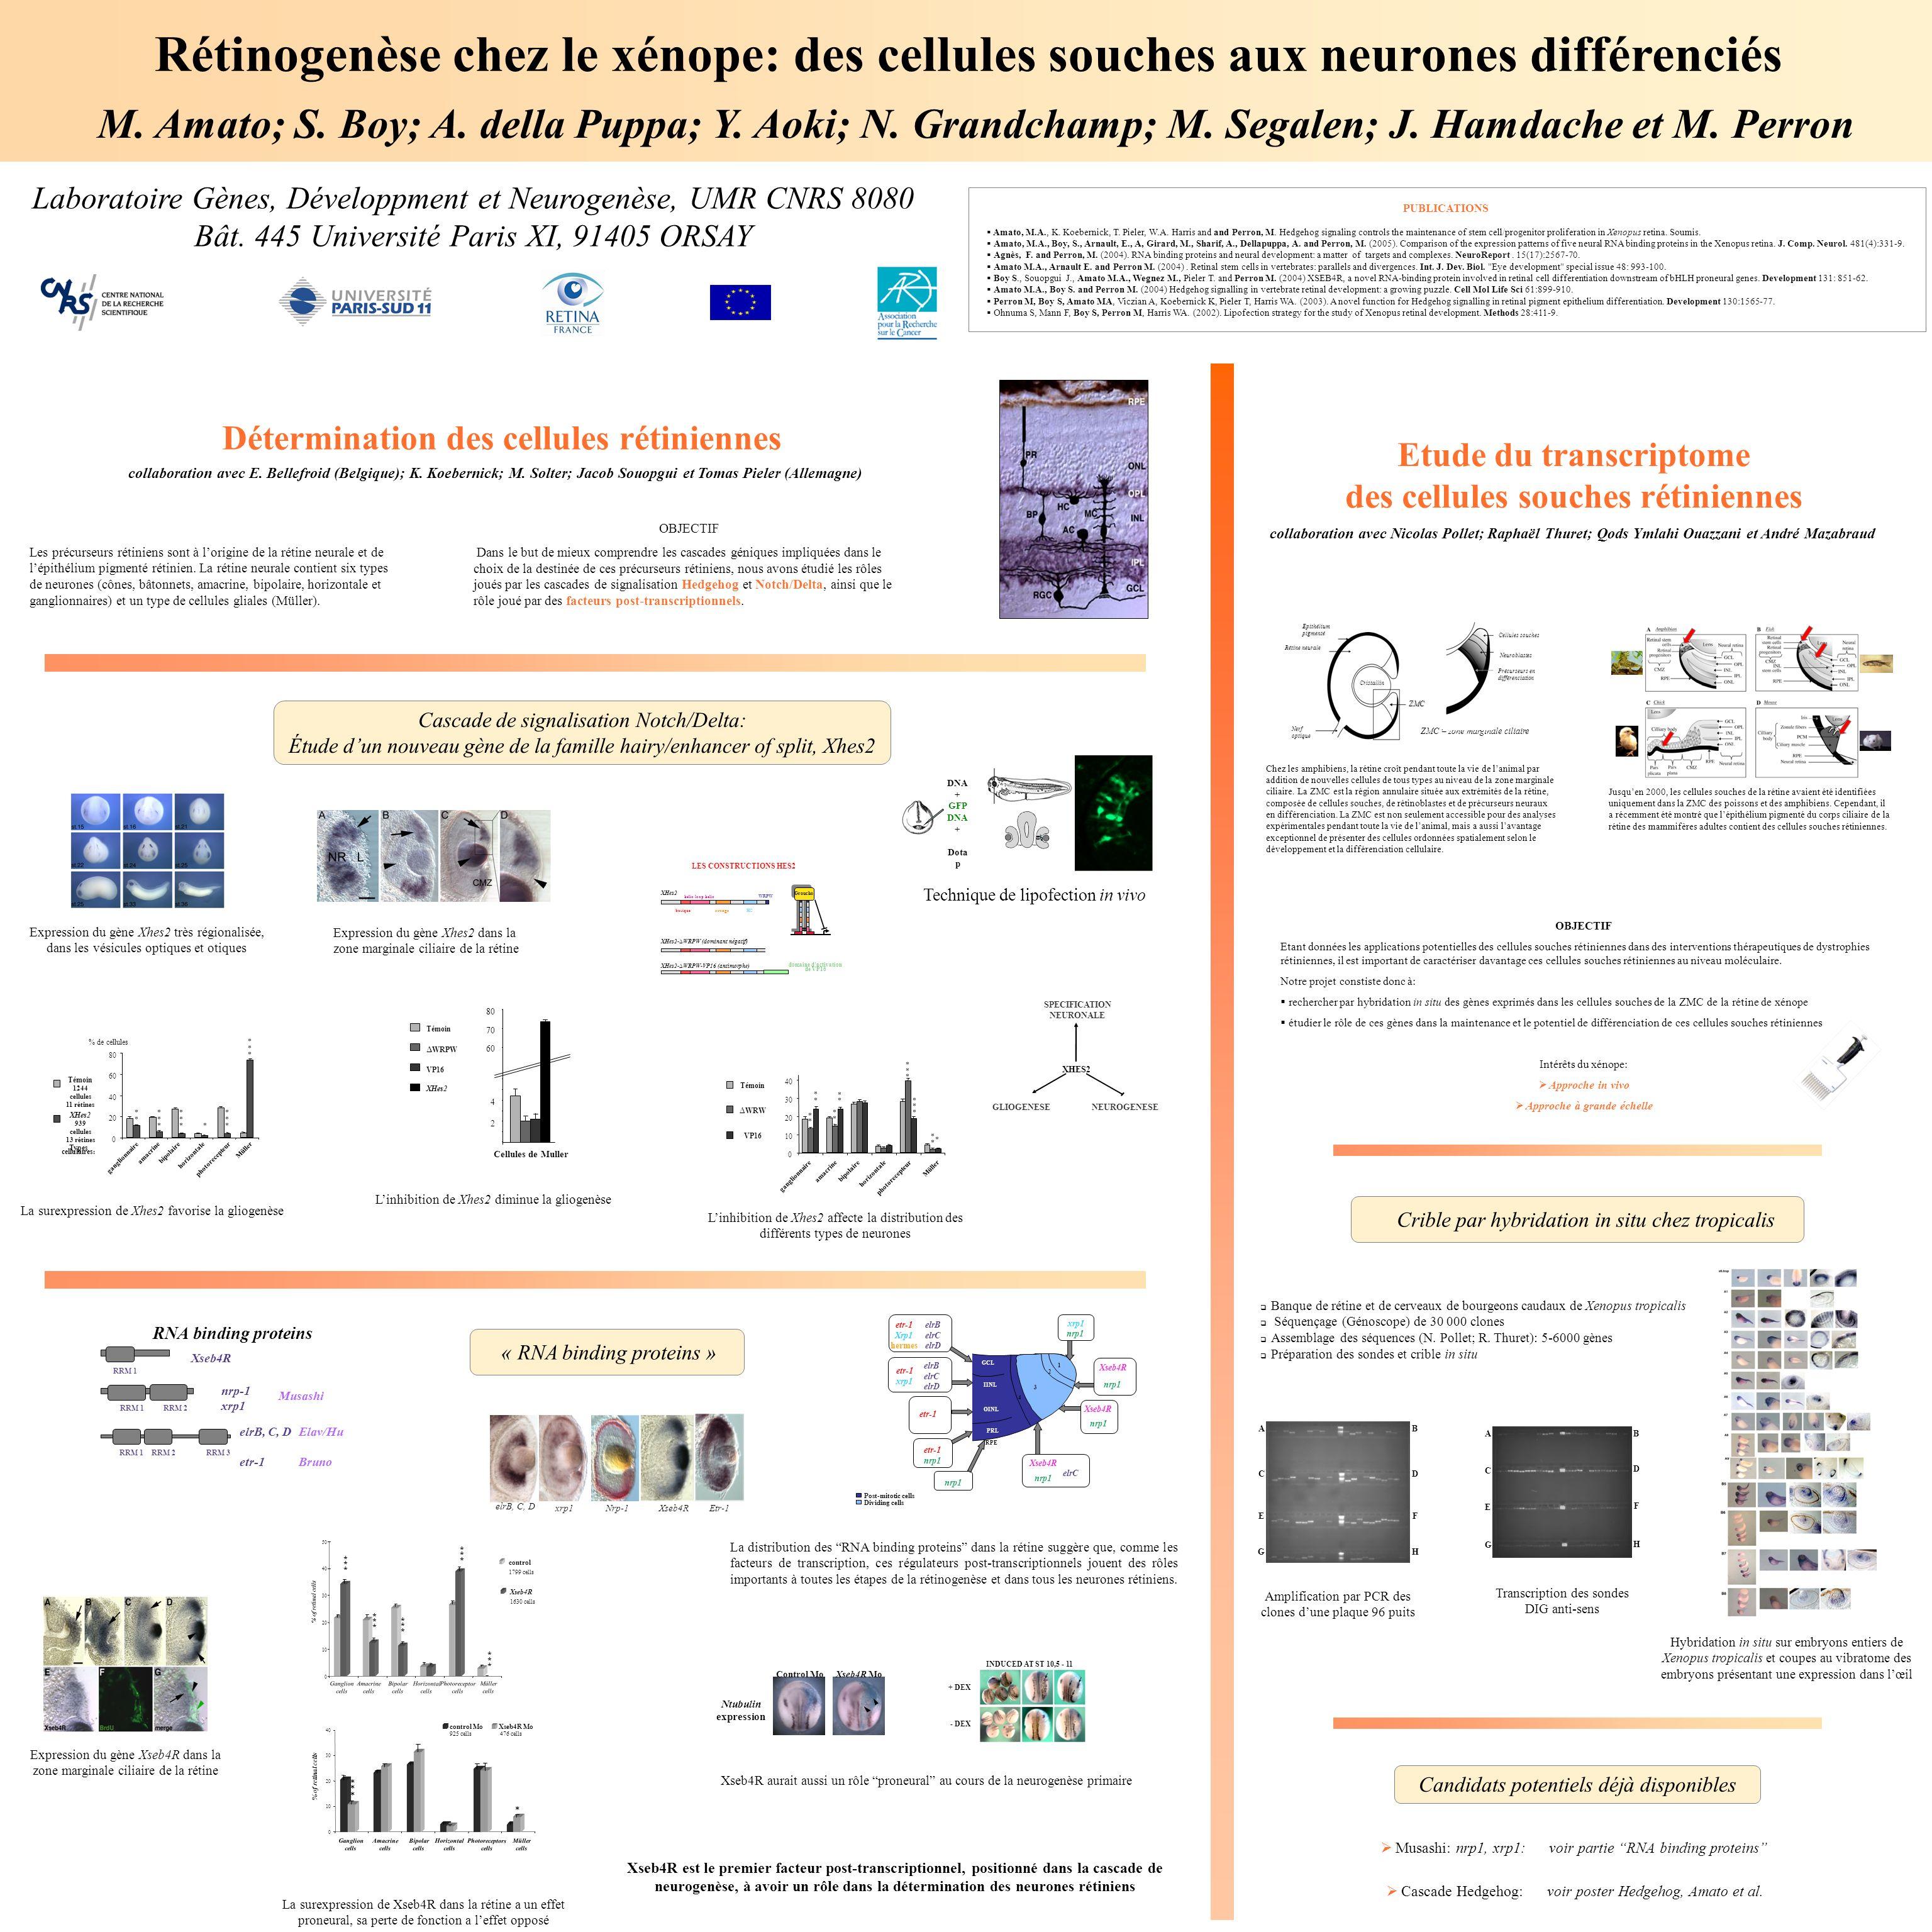 Rétinogenèse chez le xénope: des cellules souches aux neurones différenciés